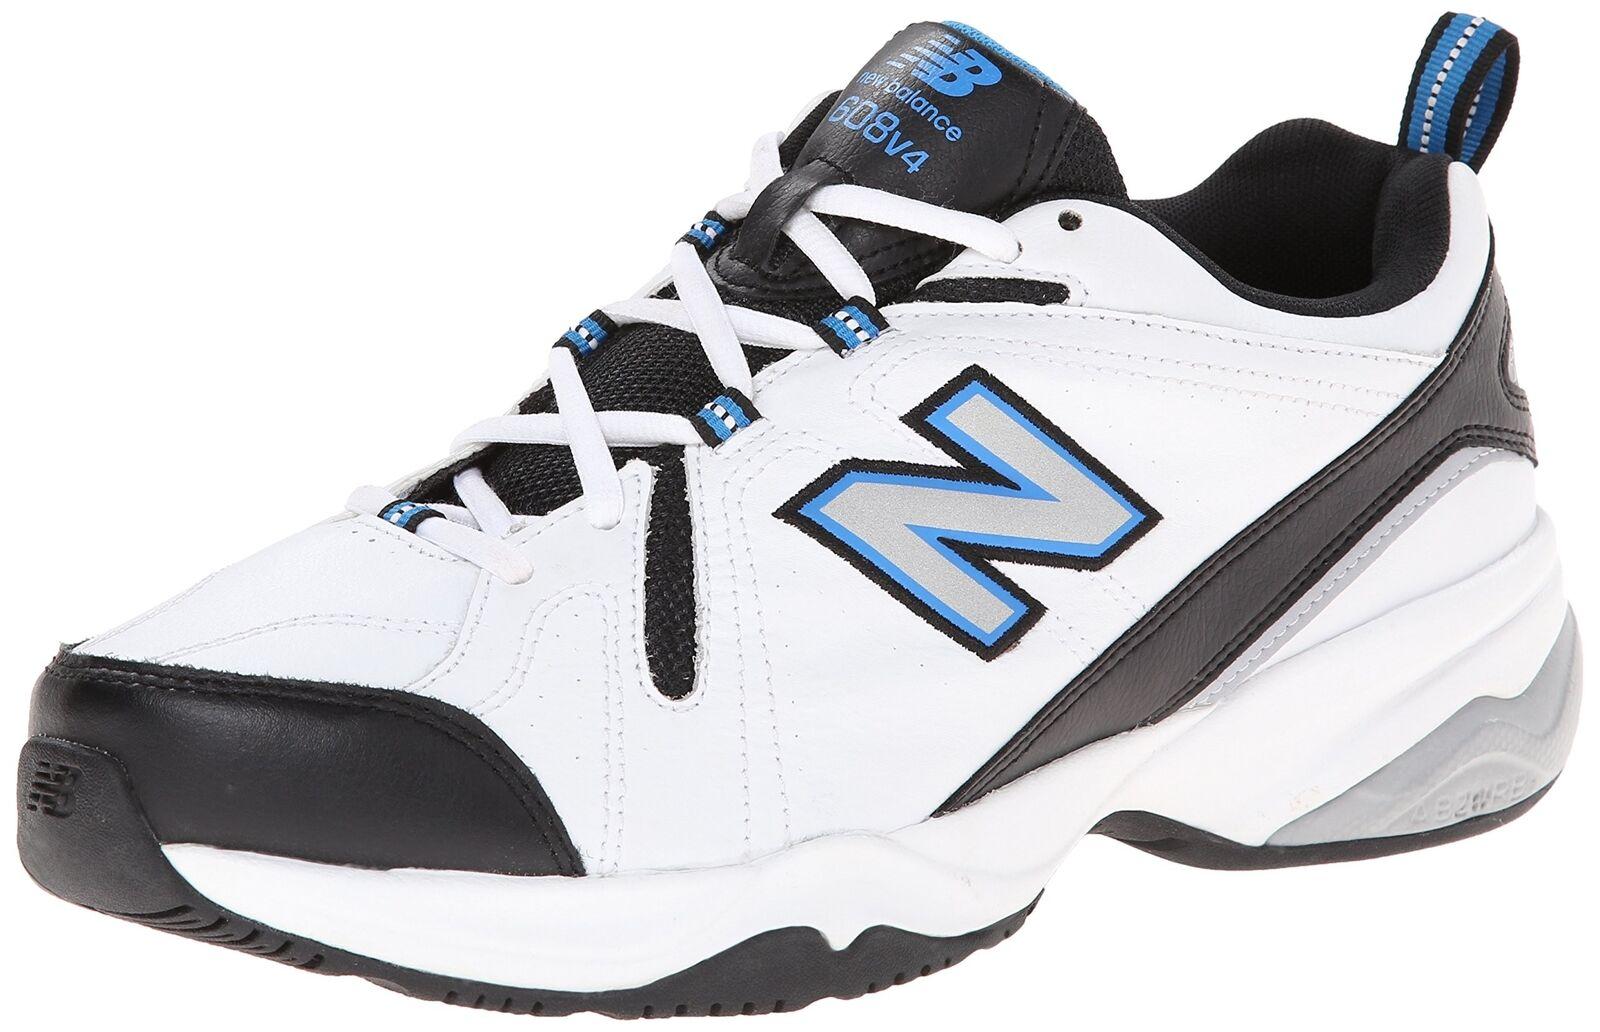 New Balance Men's MX608v4 Training shoes White Royal 9.5 D(M) US